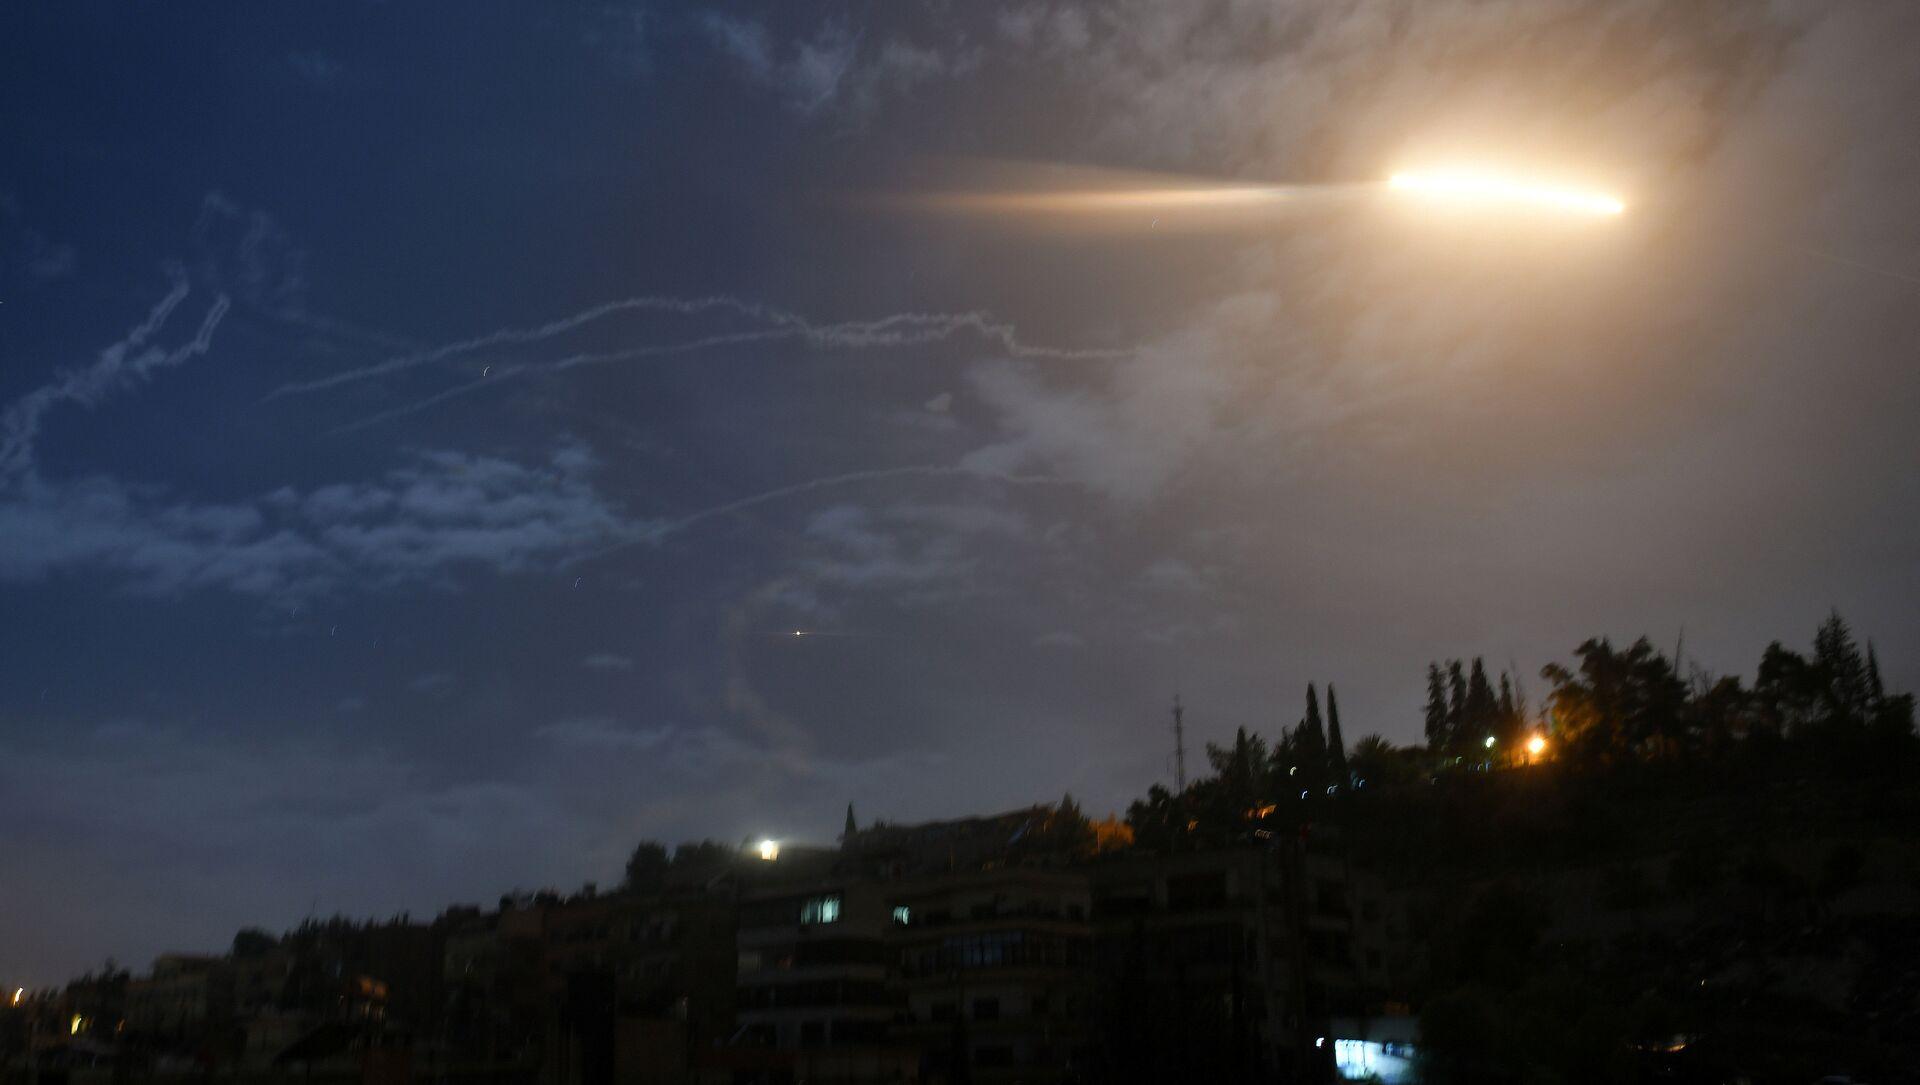 Suriye'nin başkenti Şam'da İsrail'in 21 Ocak'taki füze saldırısı - Sputnik Türkiye, 1920, 26.07.2021